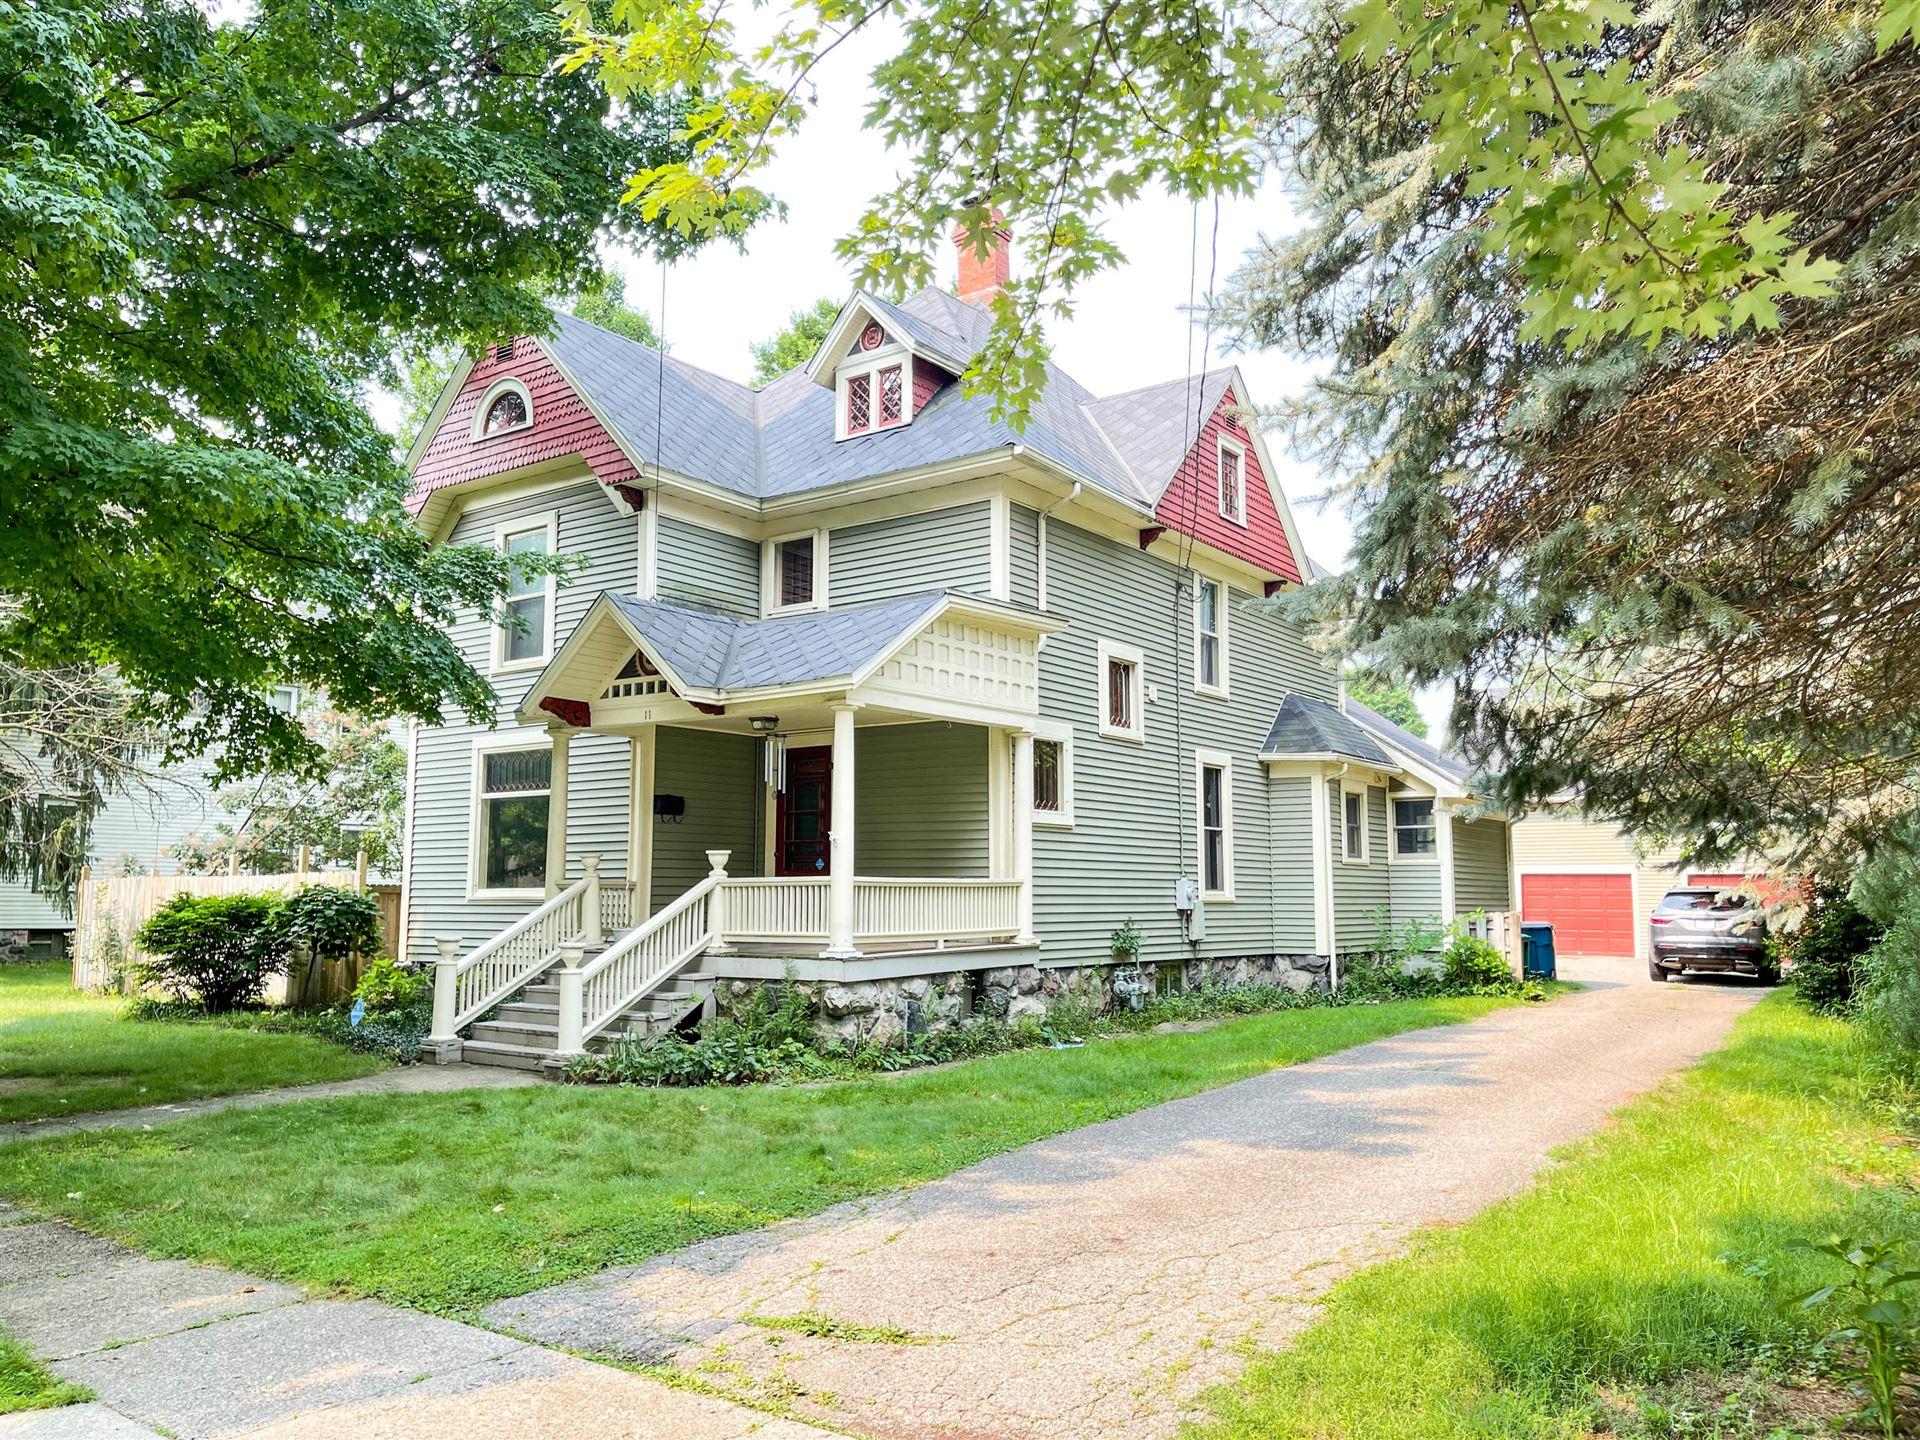 11 Park Place, Coldwater, MI 49036 - MLS#: 21064758